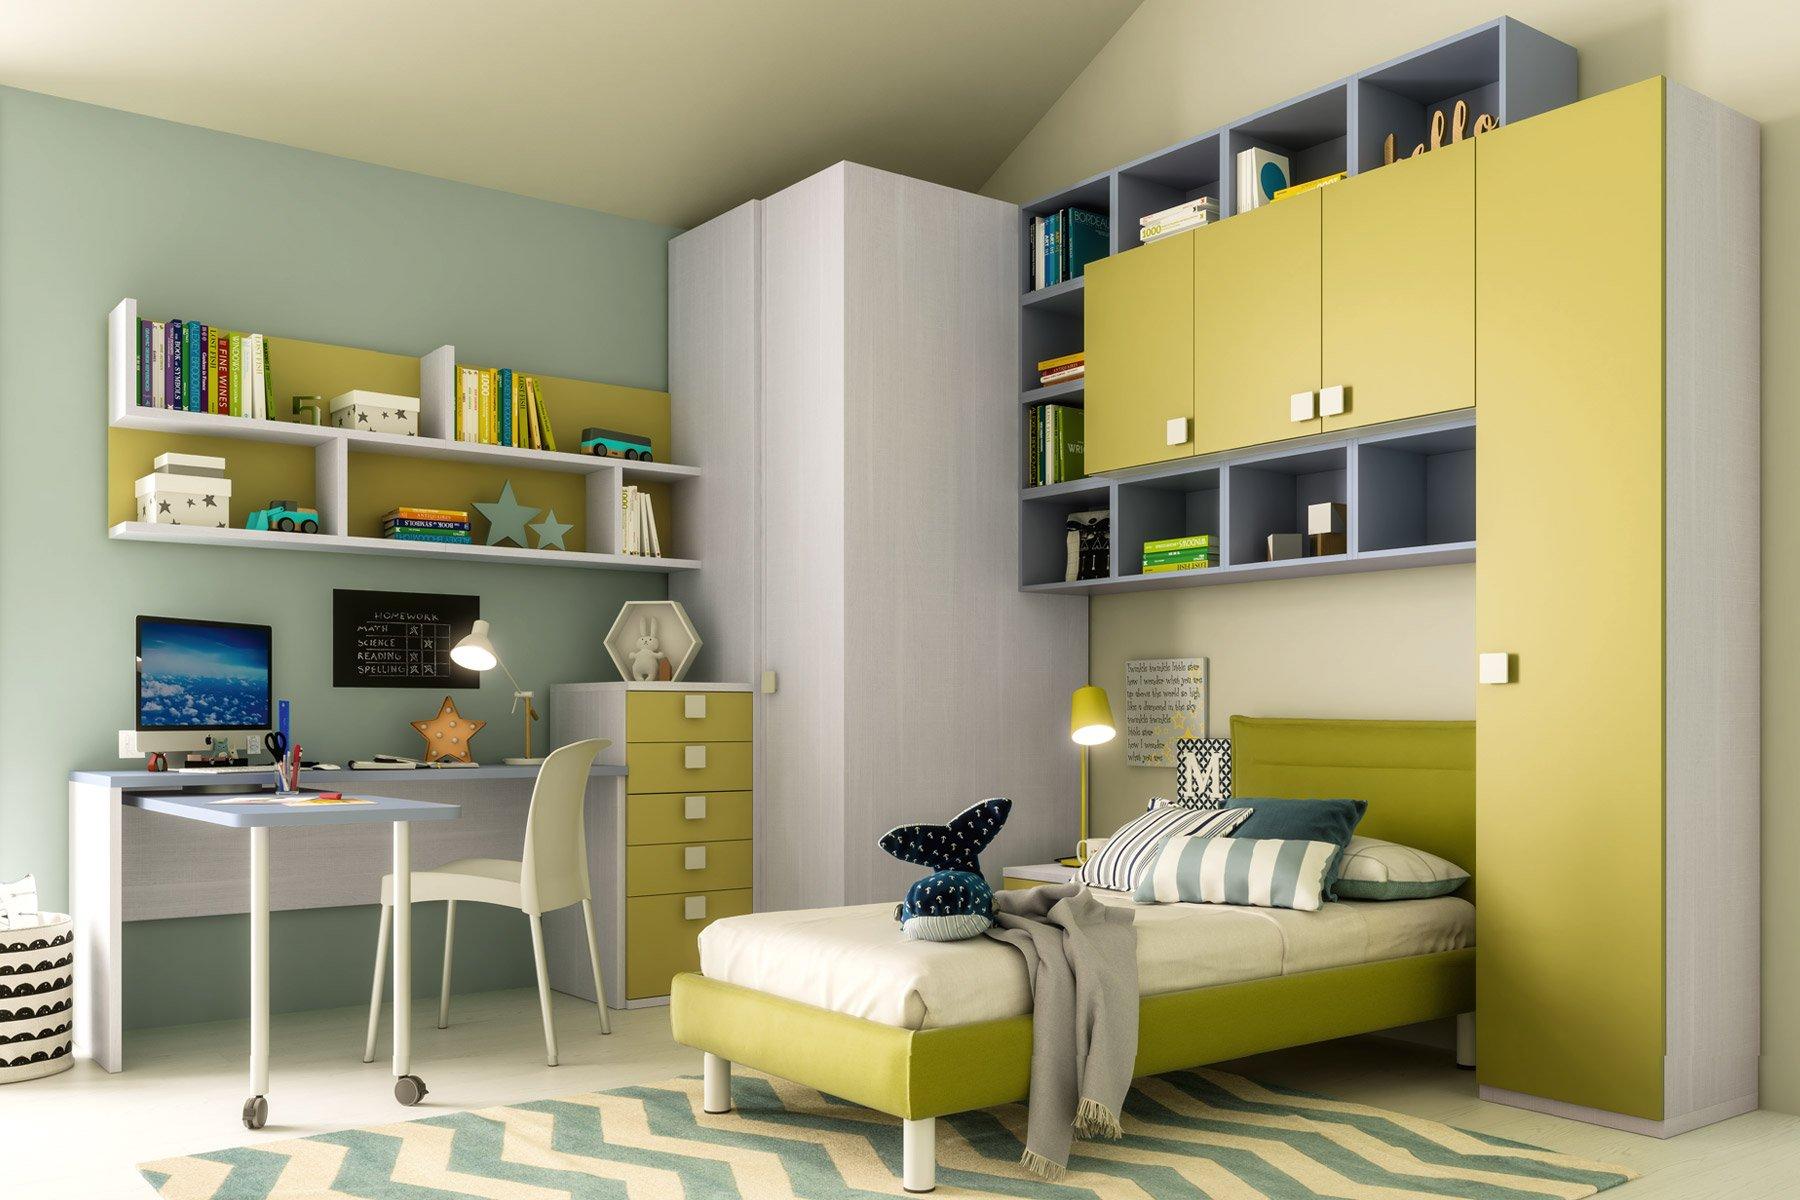 Qualunque sia la tua idea per una camera da letto calda ed accogliente dove vivere i tuoi momenti più preziosi, abbiamo lo stile per te. Nuove Dimensioni Dei Moduli S75